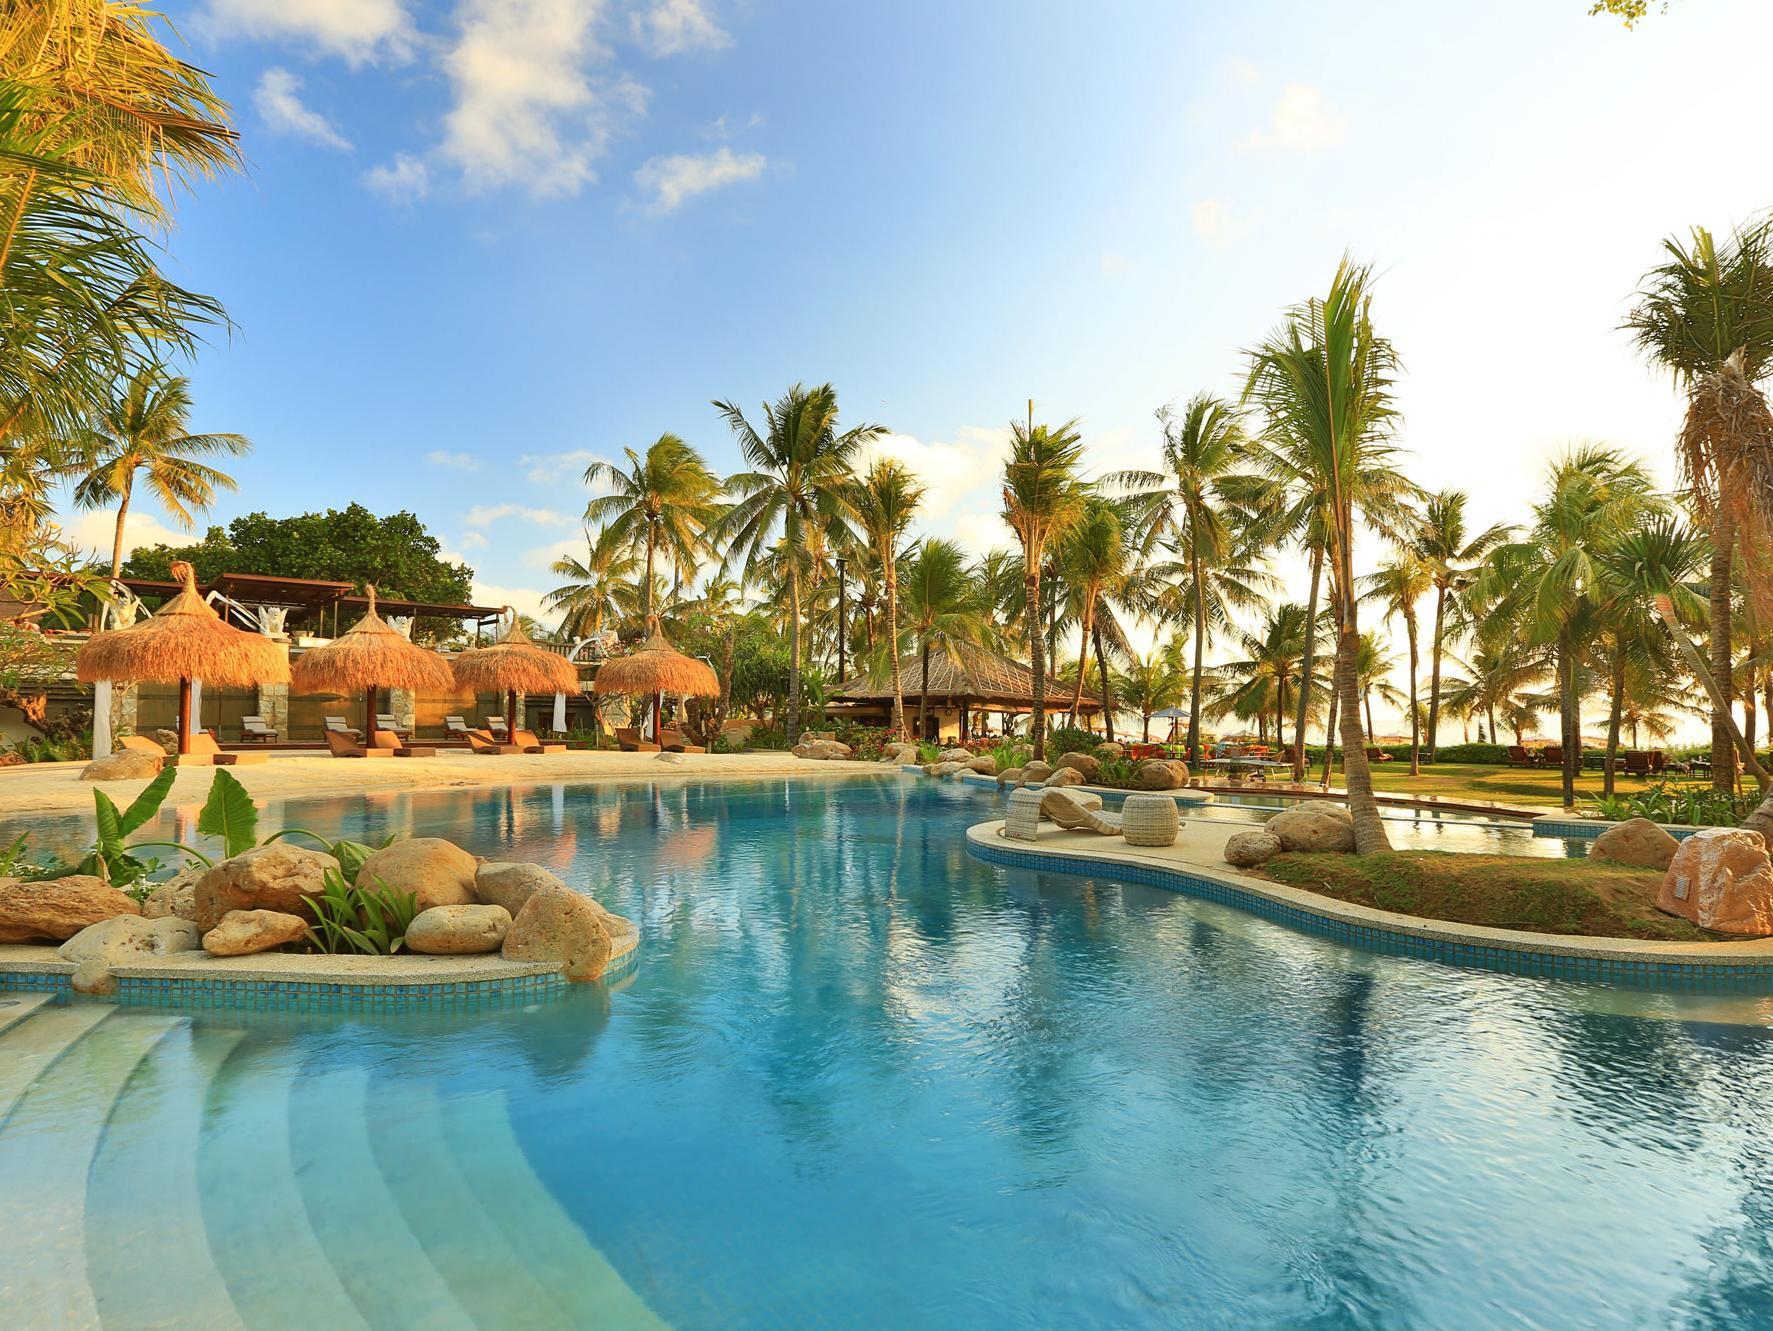 Bali Mandira Beach Resort Spa Bali Indonesia